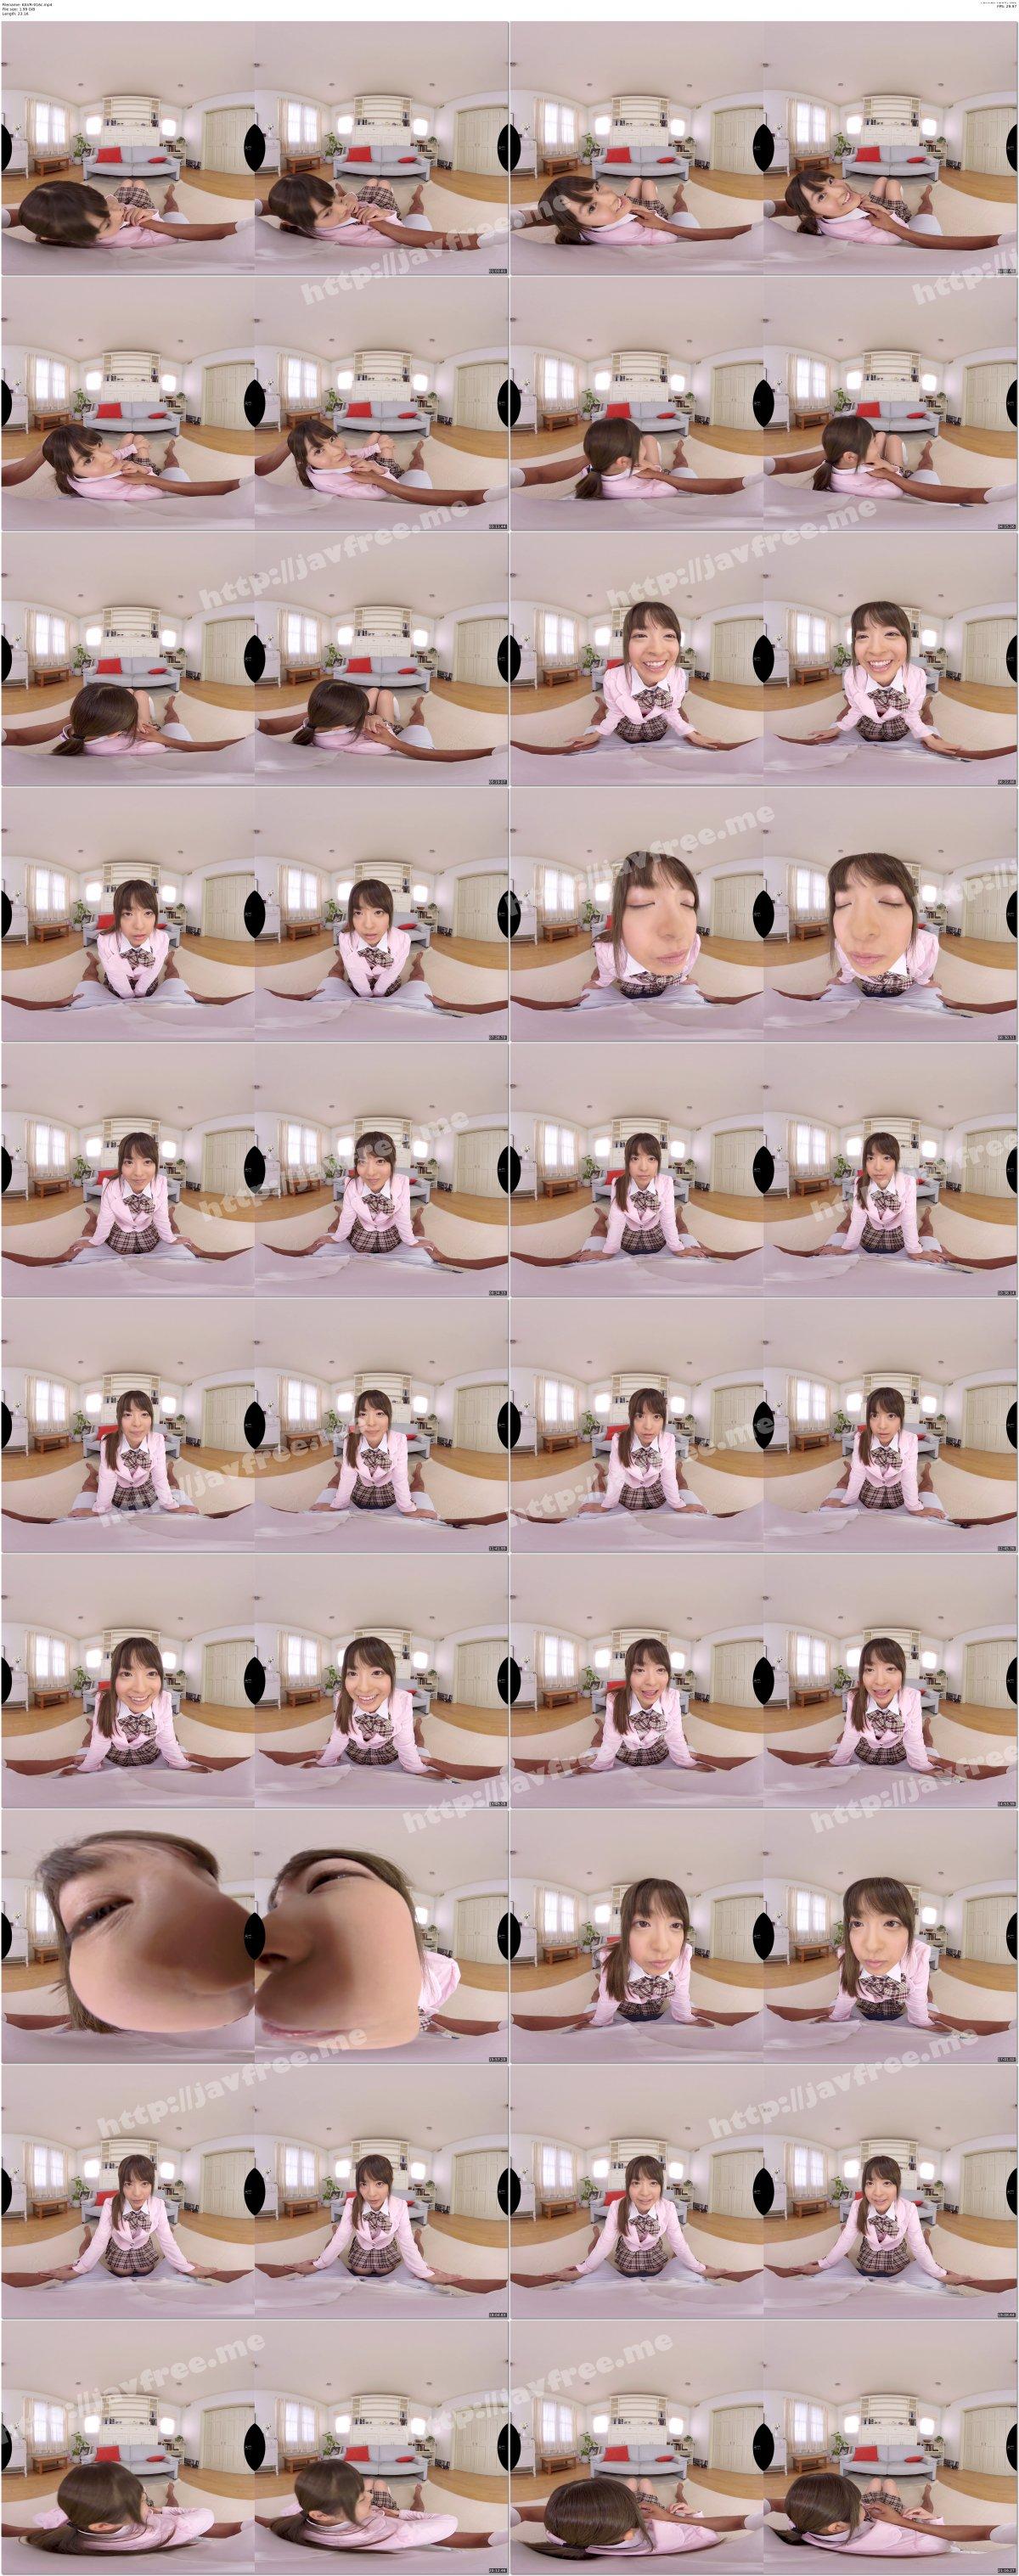 [KAVR-016] 【VR】本物アイドルに至近距離で見つめられながら焦らしに焦らされまくった直後のひたすら超濃厚ベロキスSEX 桜もこ - image KAVR-016c on https://javfree.me